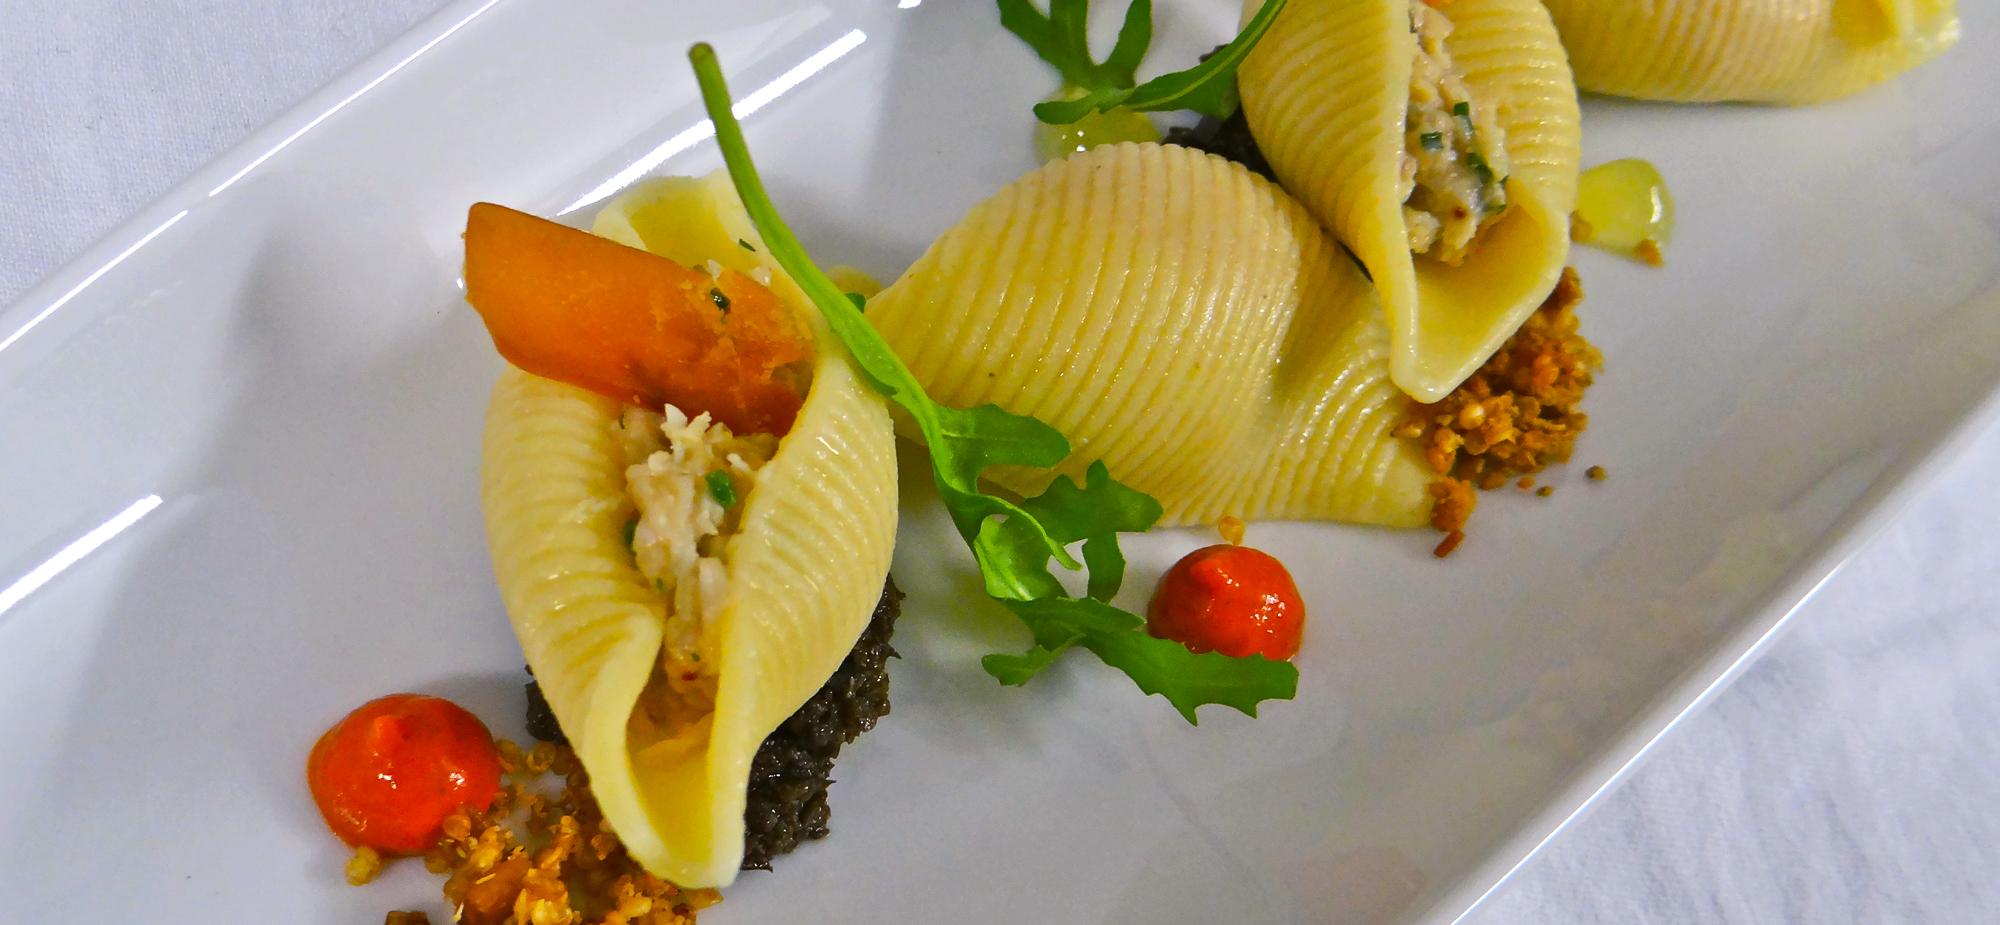 cuisine-boccafine-4